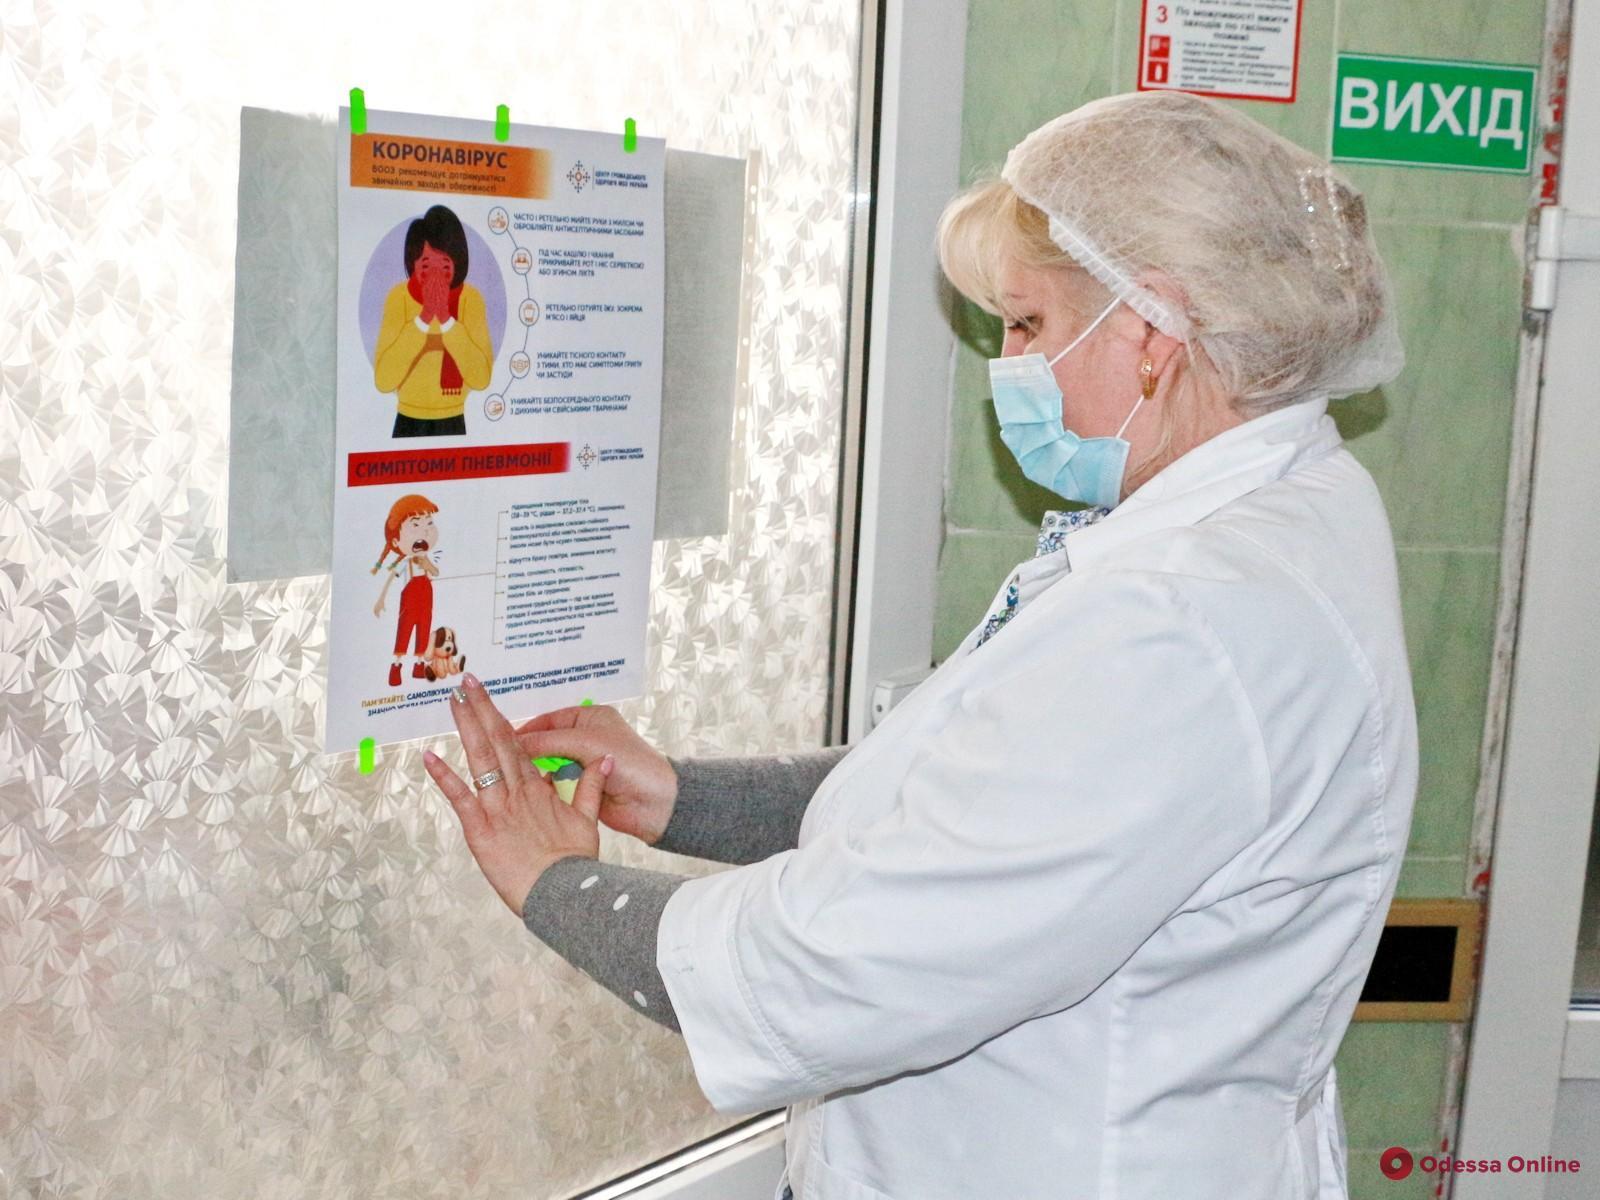 Одесская инфекционка обеспечена всем необходимым для оказания помощи пациентам в случае выявления коронавируса